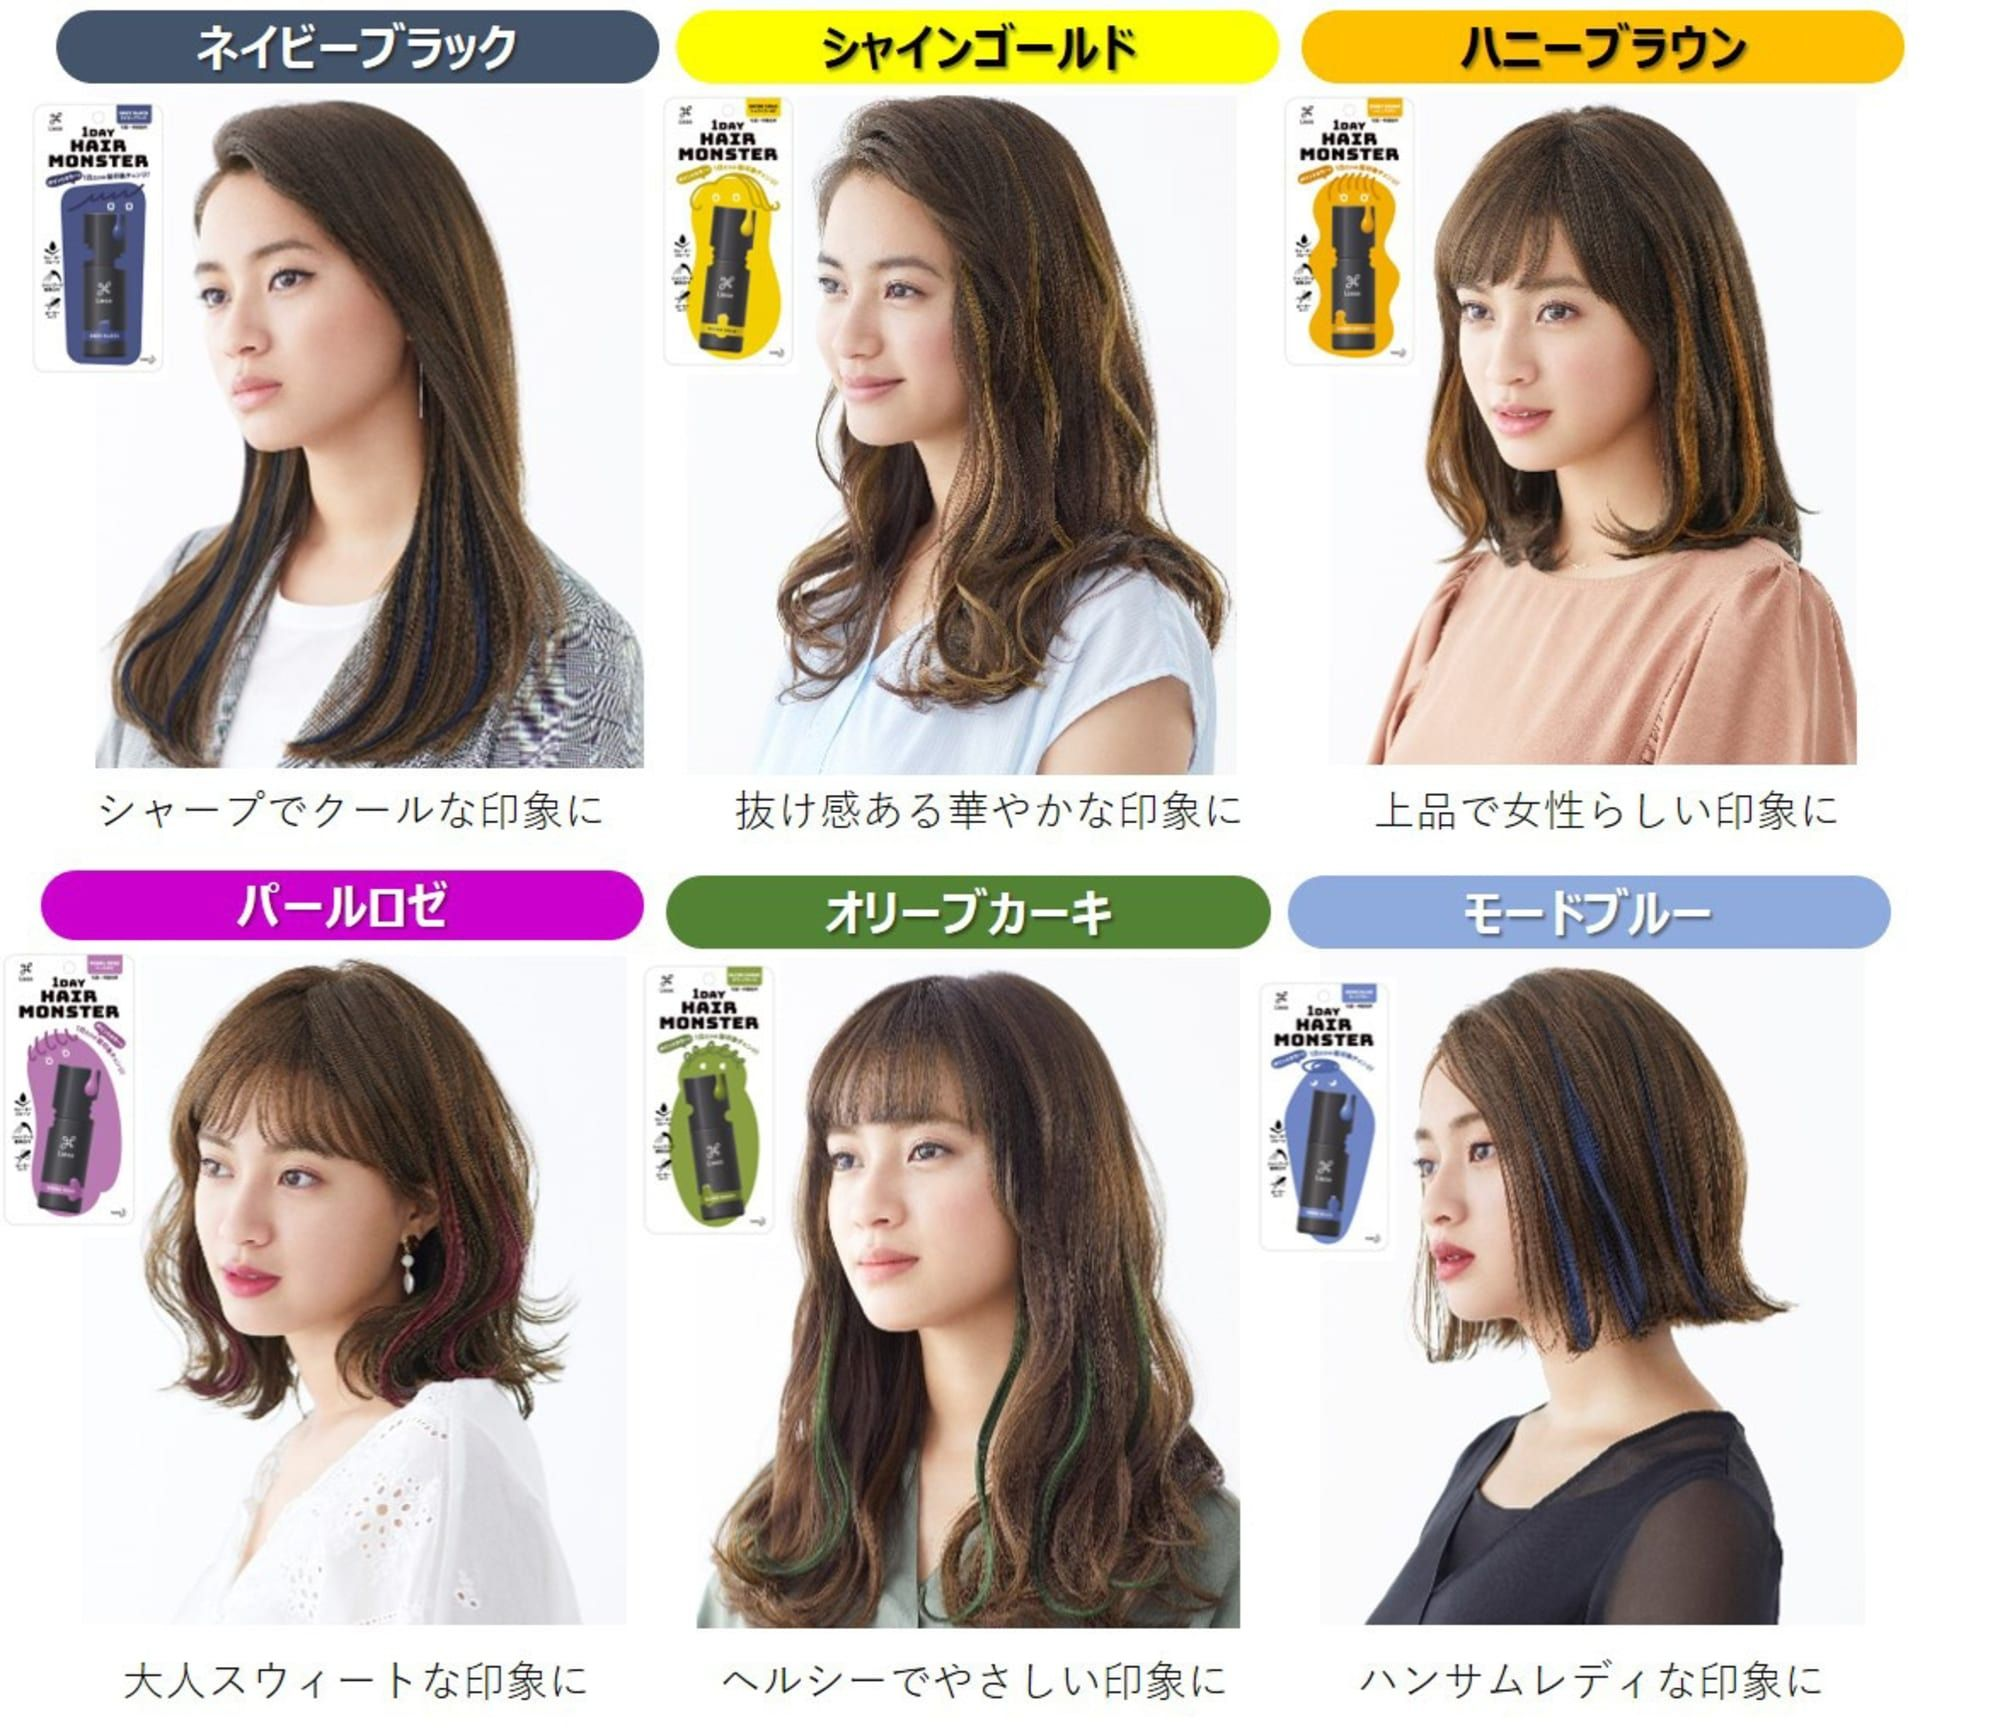 Fashionsnap Com On 2020 髪 色 ヘアカラー 色